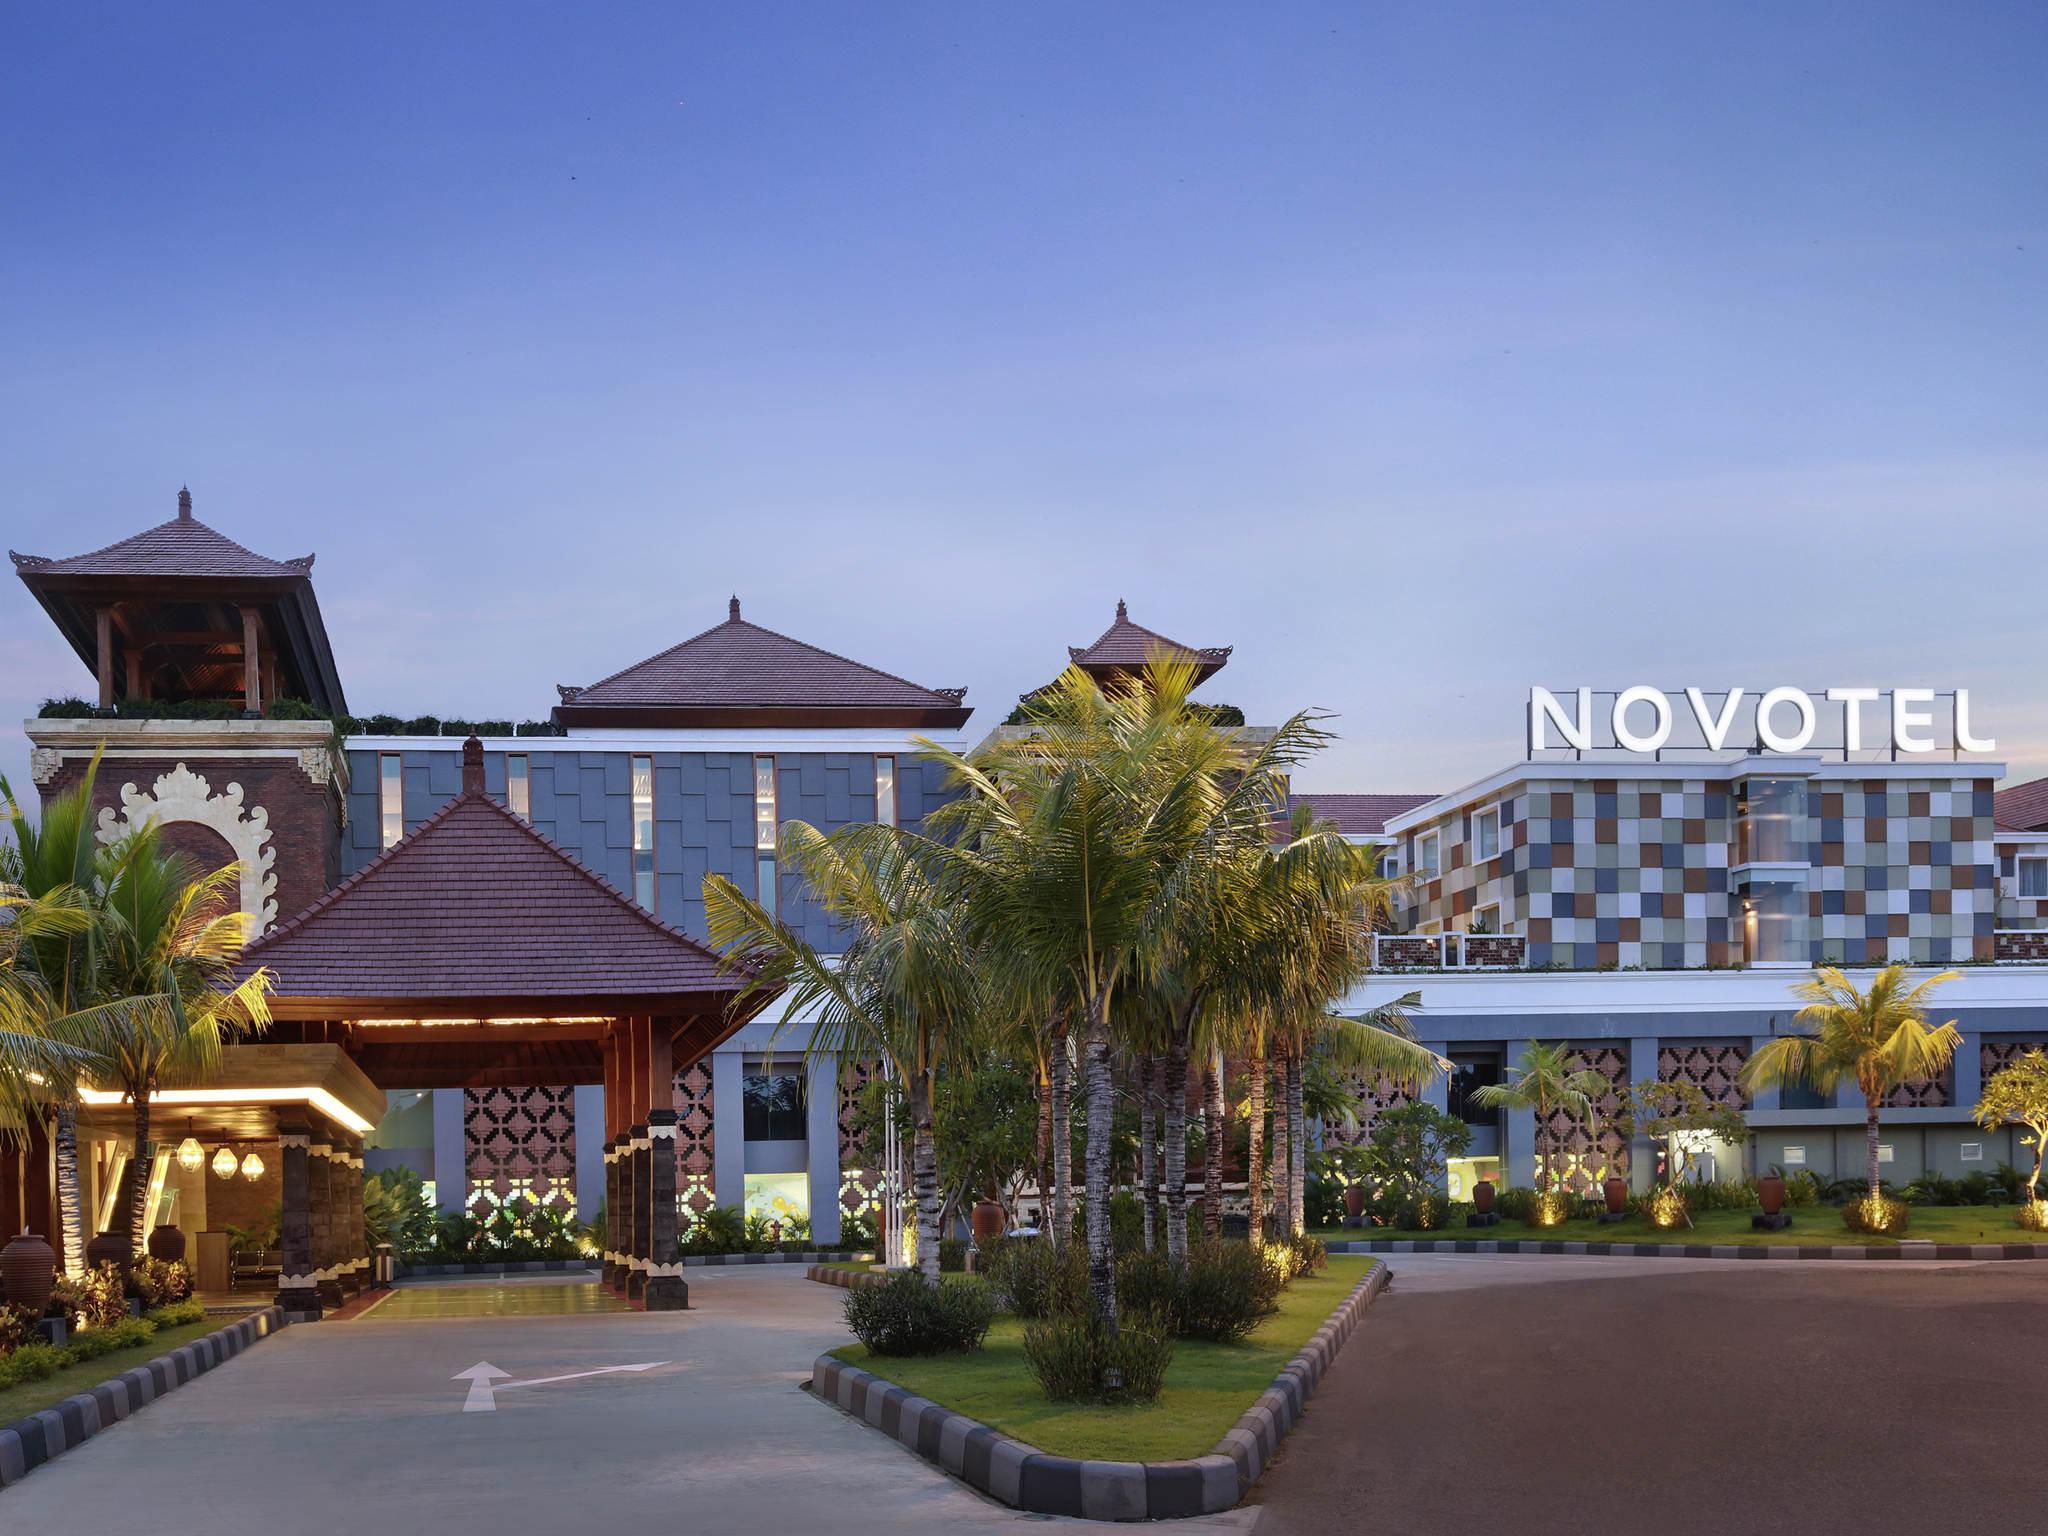 โรงแรม – โนโวเทล บาหลี งูระห์ไร แอร์พอร์ต